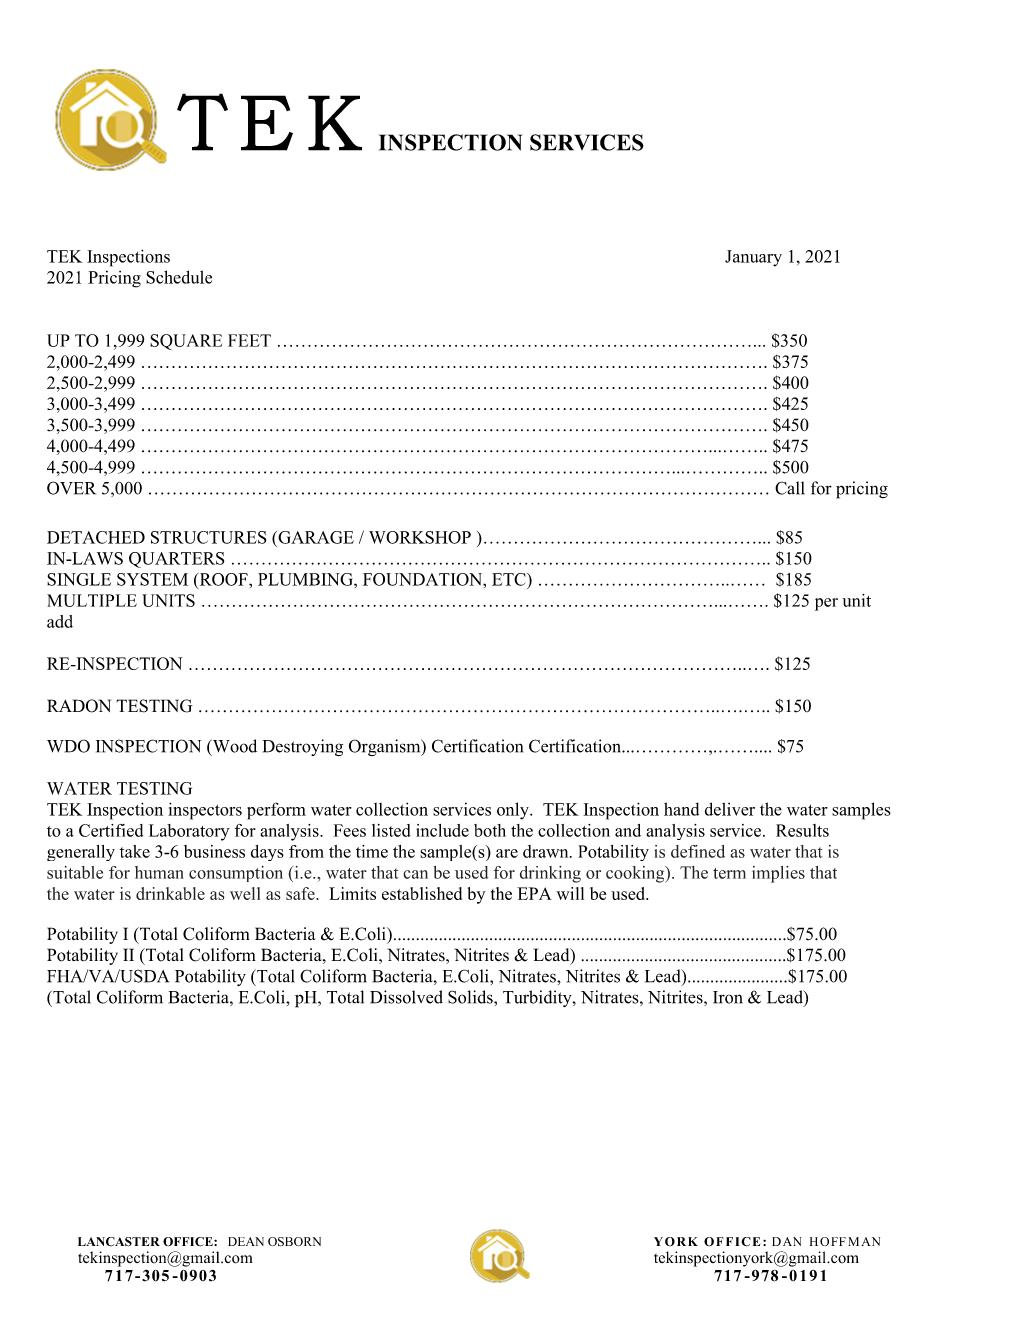 2021 TEK Pricing Schedule.jpg